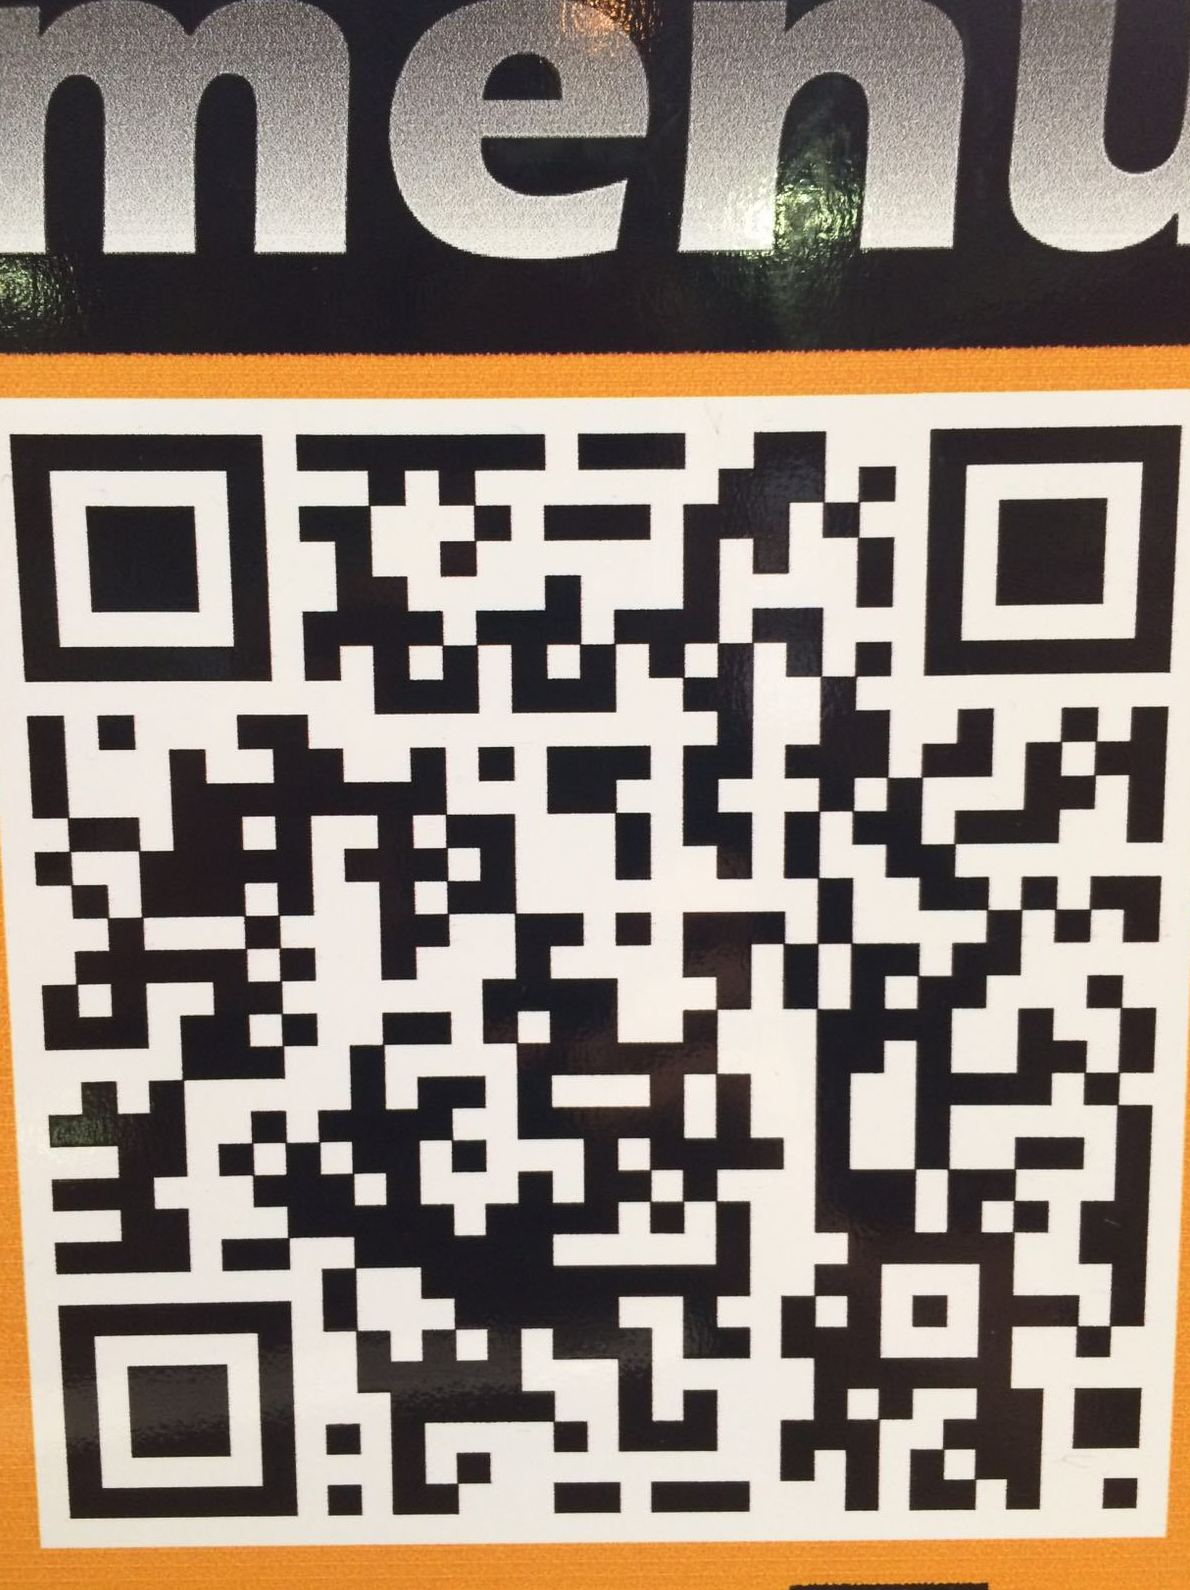 Descarga nuestro menú en 7 idiomas con el código QR de tu móvil